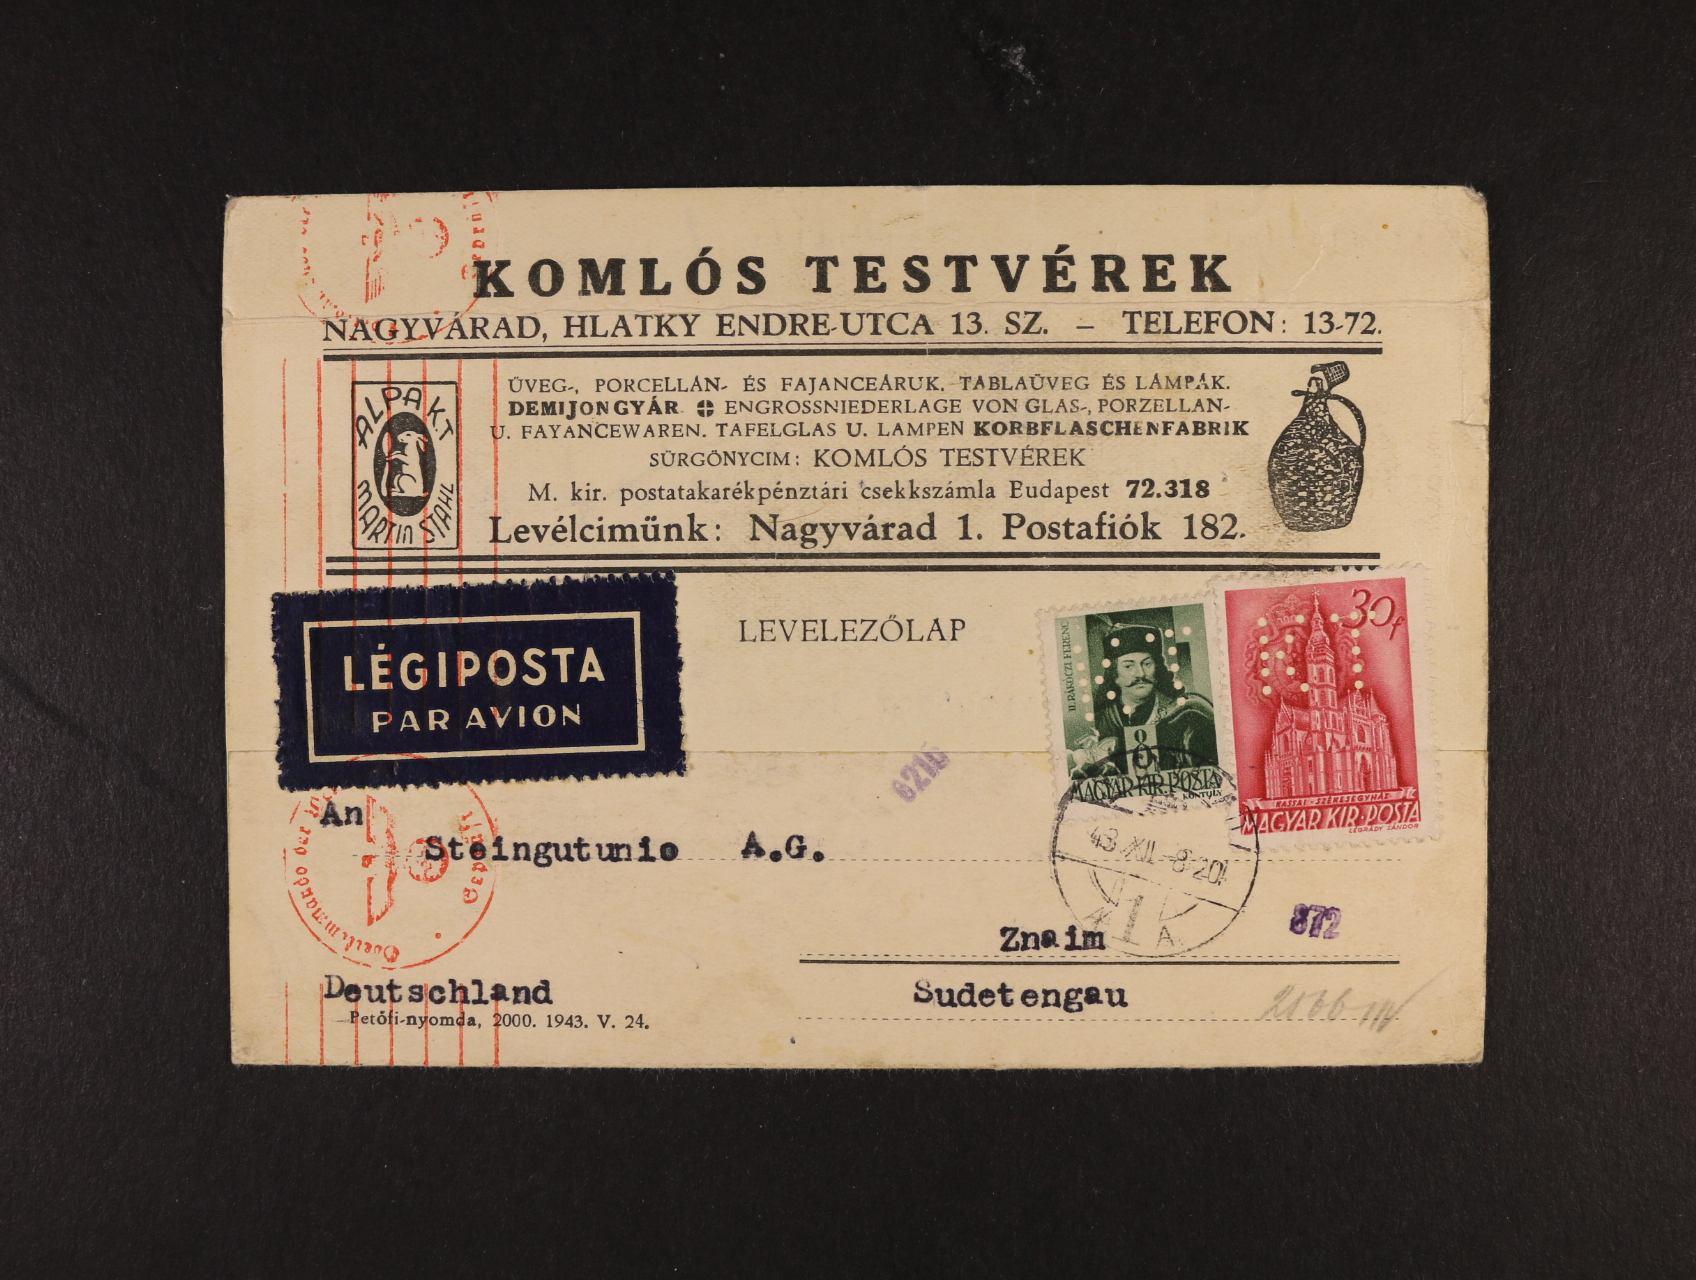 Maďarsko - firemní KL frank. zn. s identifik. perfinem K T (KOMLOS TESTVÉREK), pod. raz. NAGYVÁRAD 8.12.43, červené cenzurní raz., zajímavé